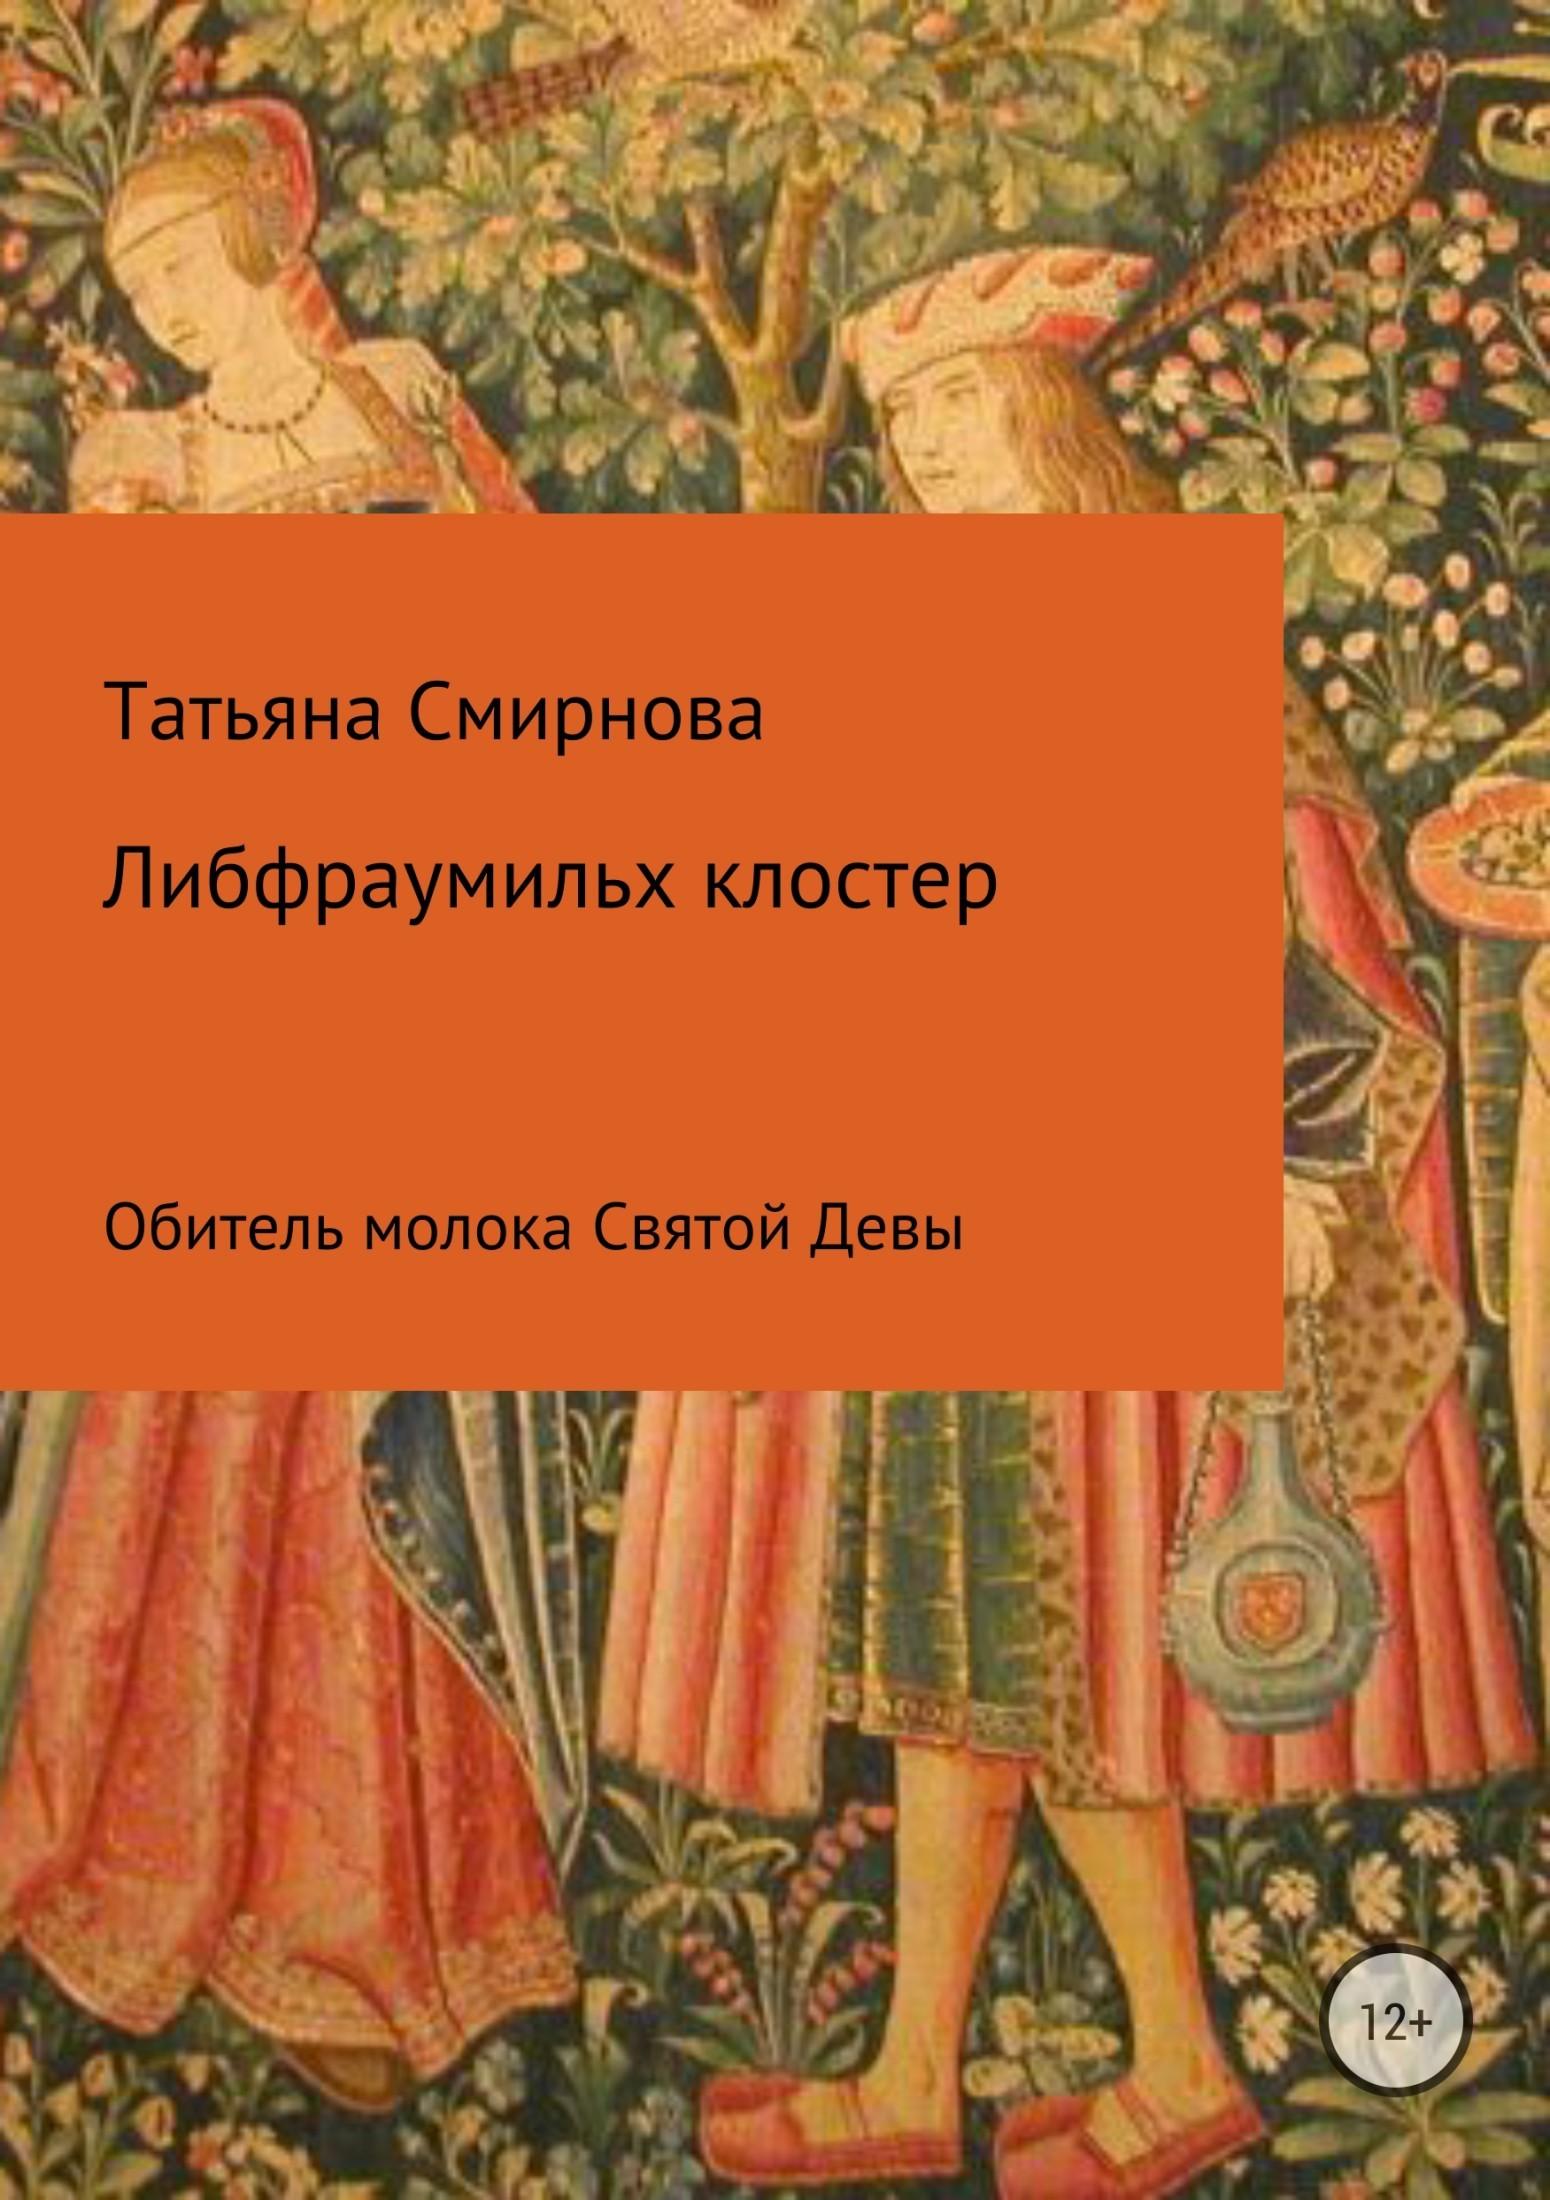 Татьяна Смирнова - Либфраумильх клостер. Обитель молока Святой Девы